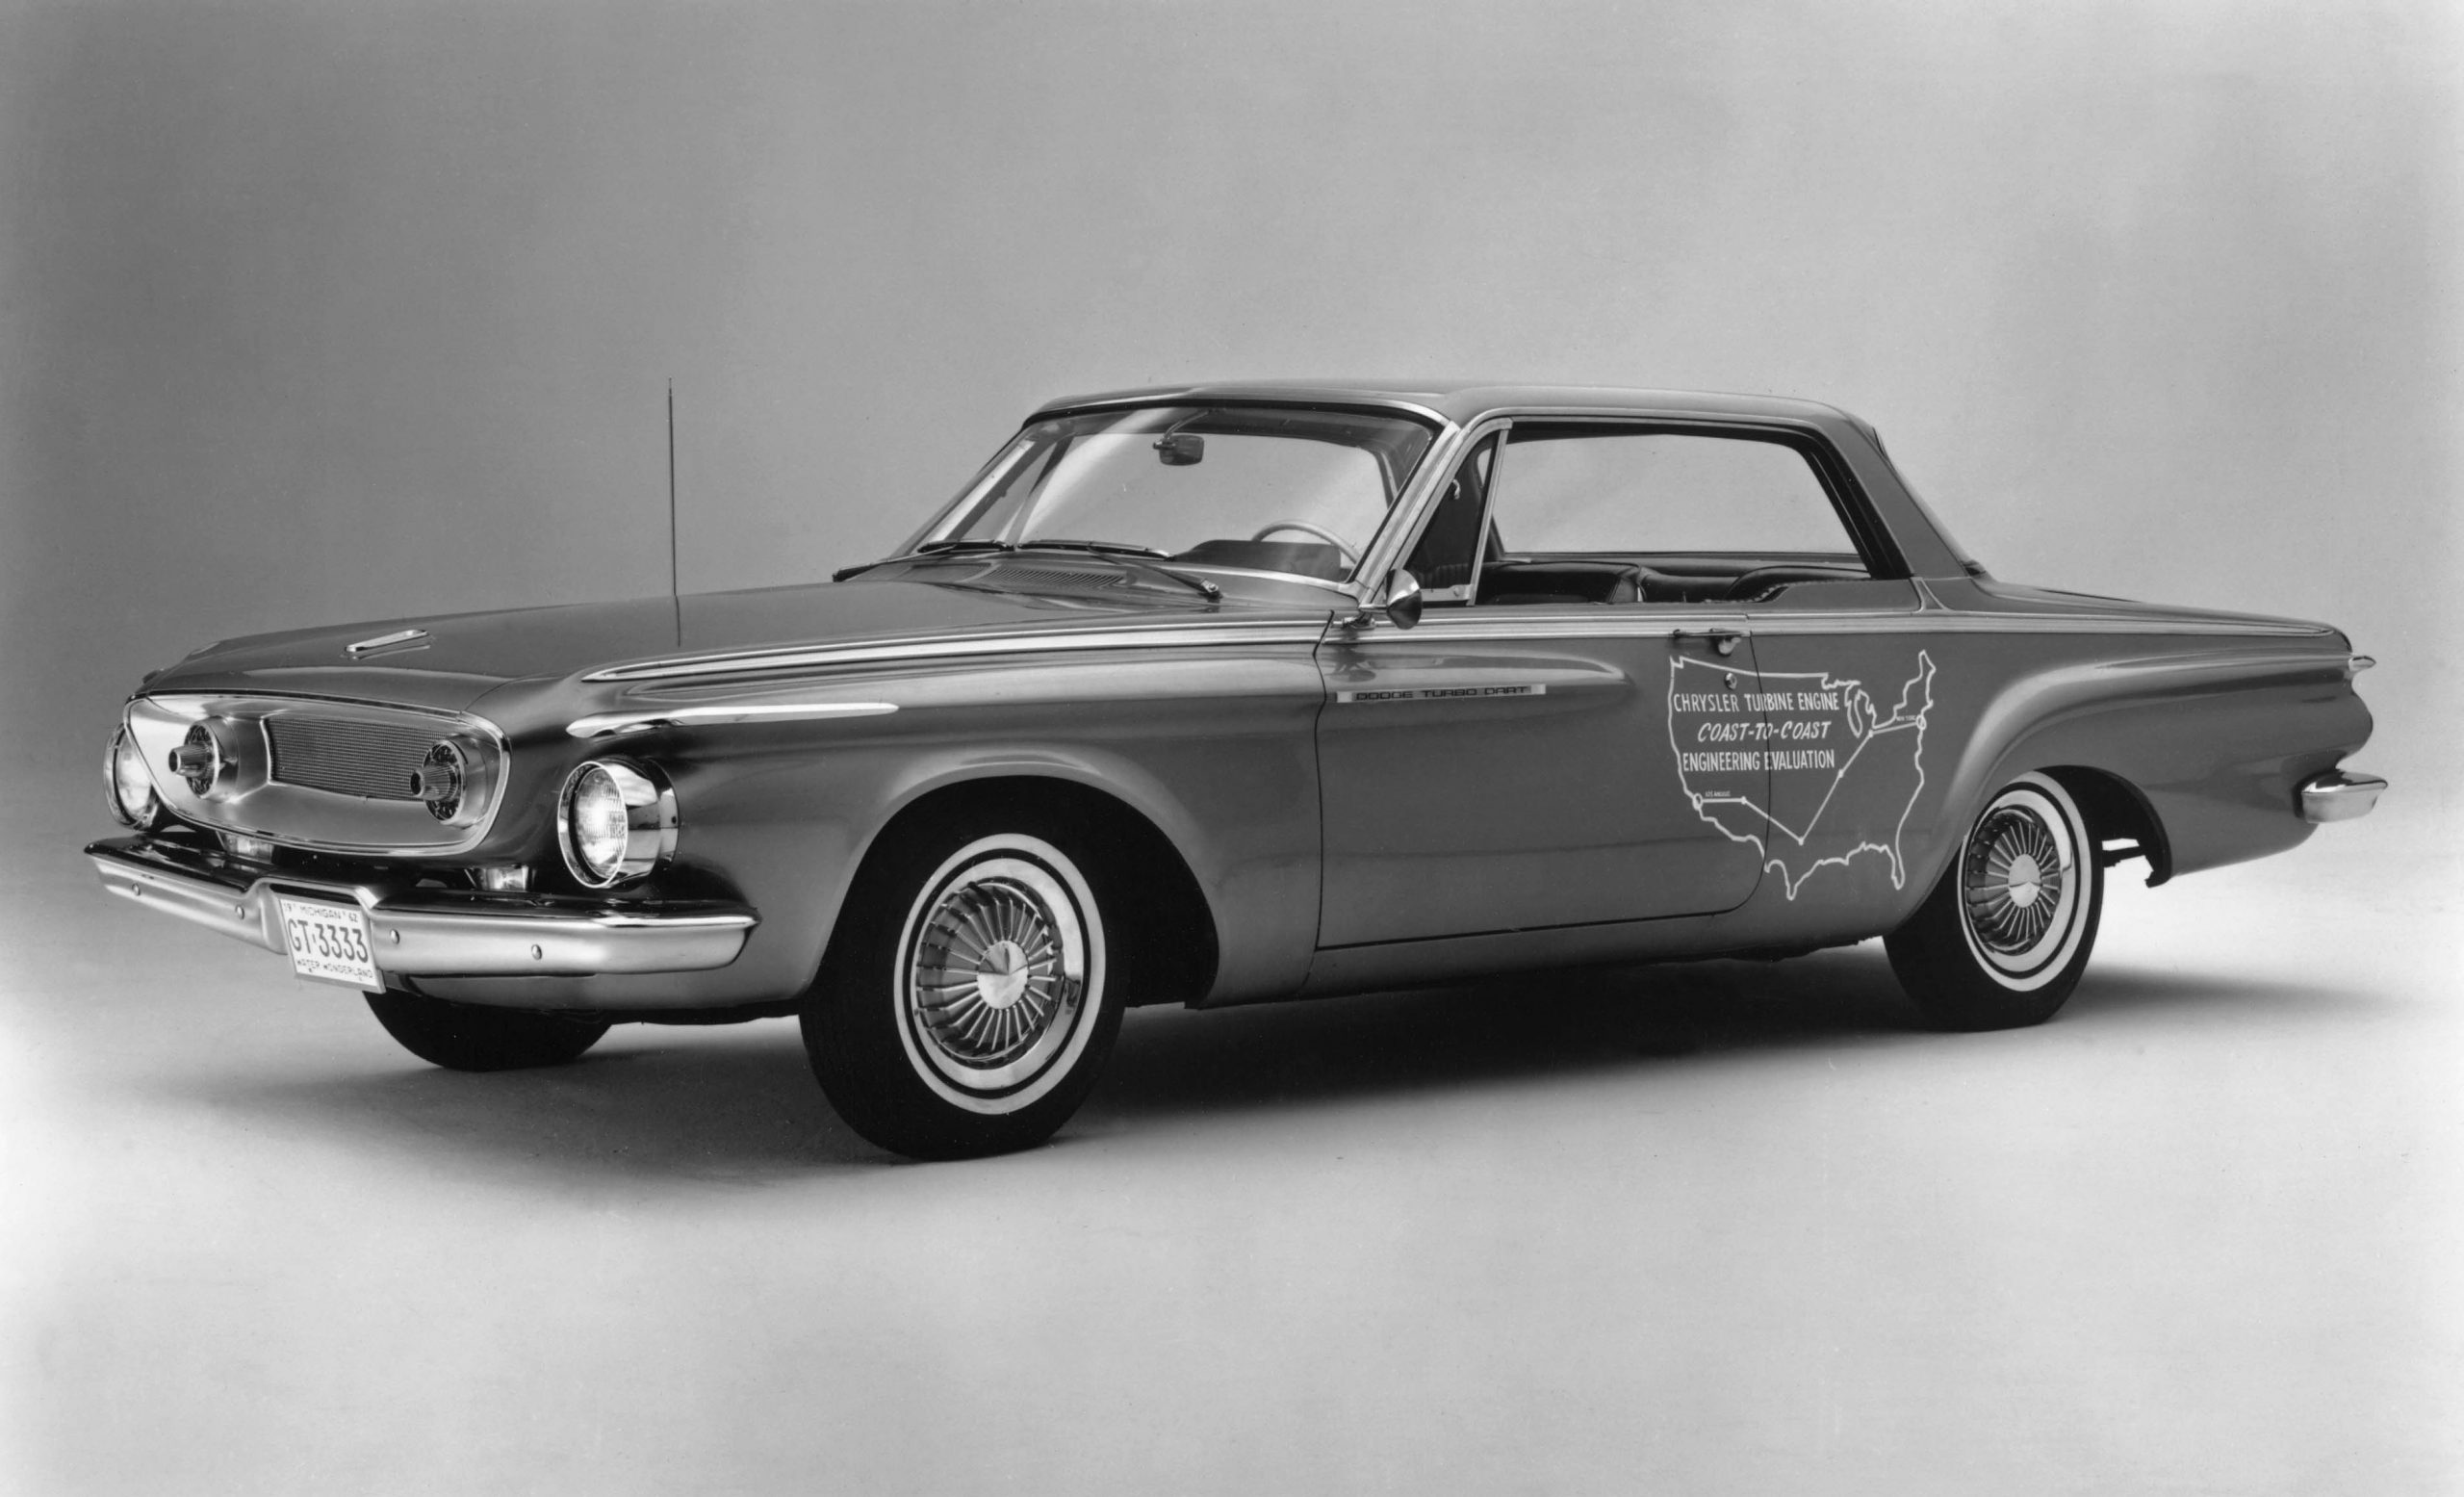 Chrysler Turbine history - 1962 Dodge Turbo Dart left front